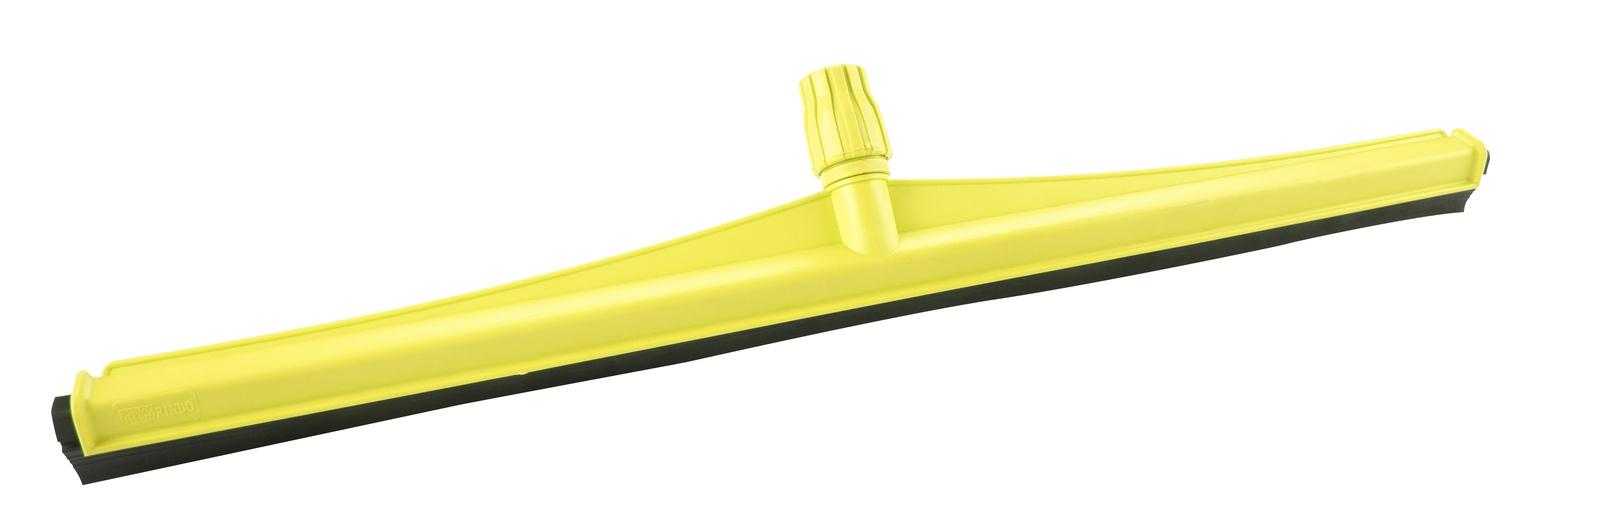 Сгон для пола, A-VM, PY530-Y, желтый, пластик, 75 см недорго, оригинальная цена